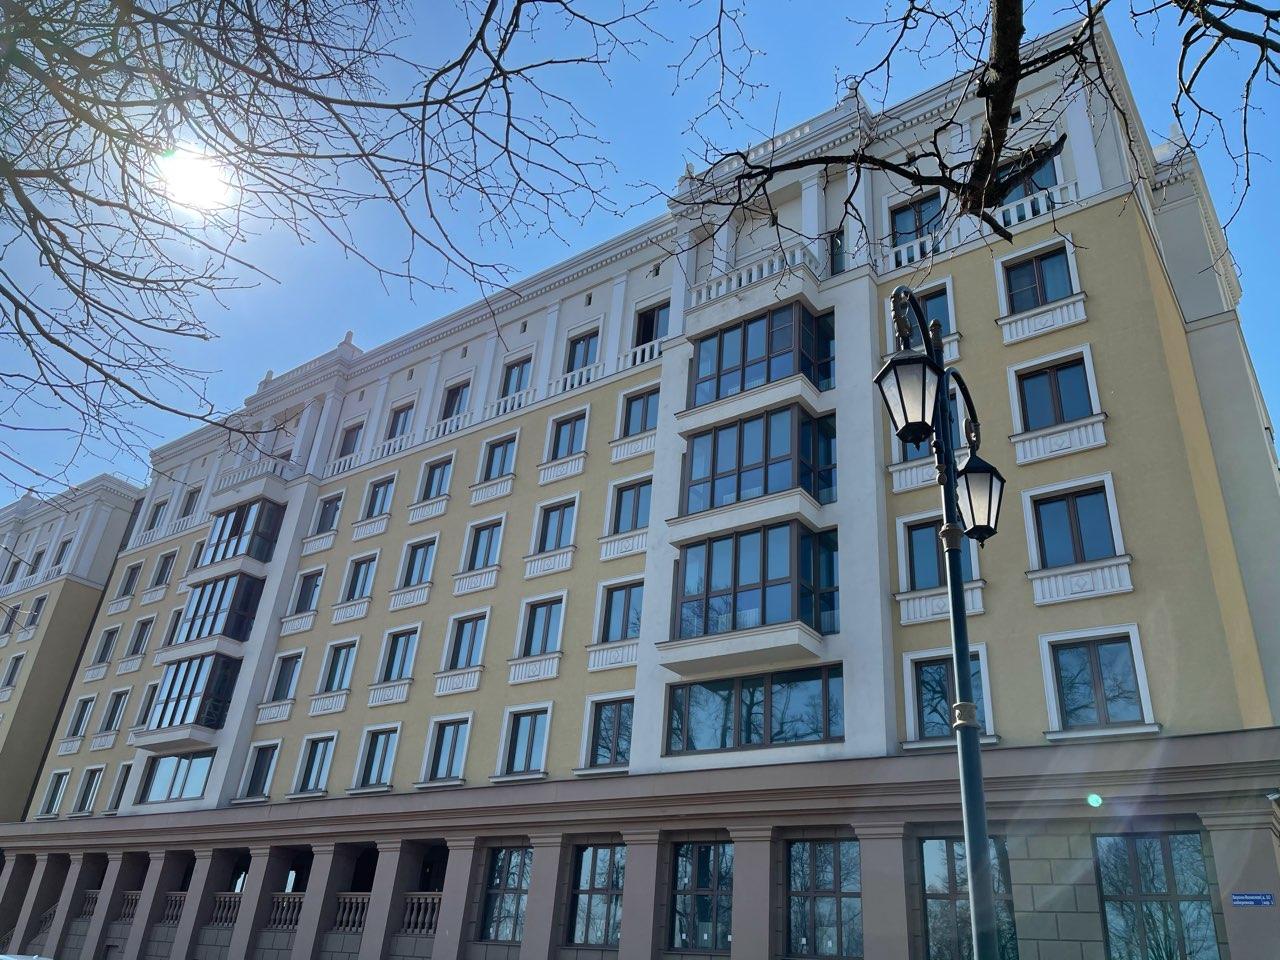 Стоимость самой дорогой квартиры в новостройке Нижнего Новгорода составила 75,8 млн рублей - фото 1